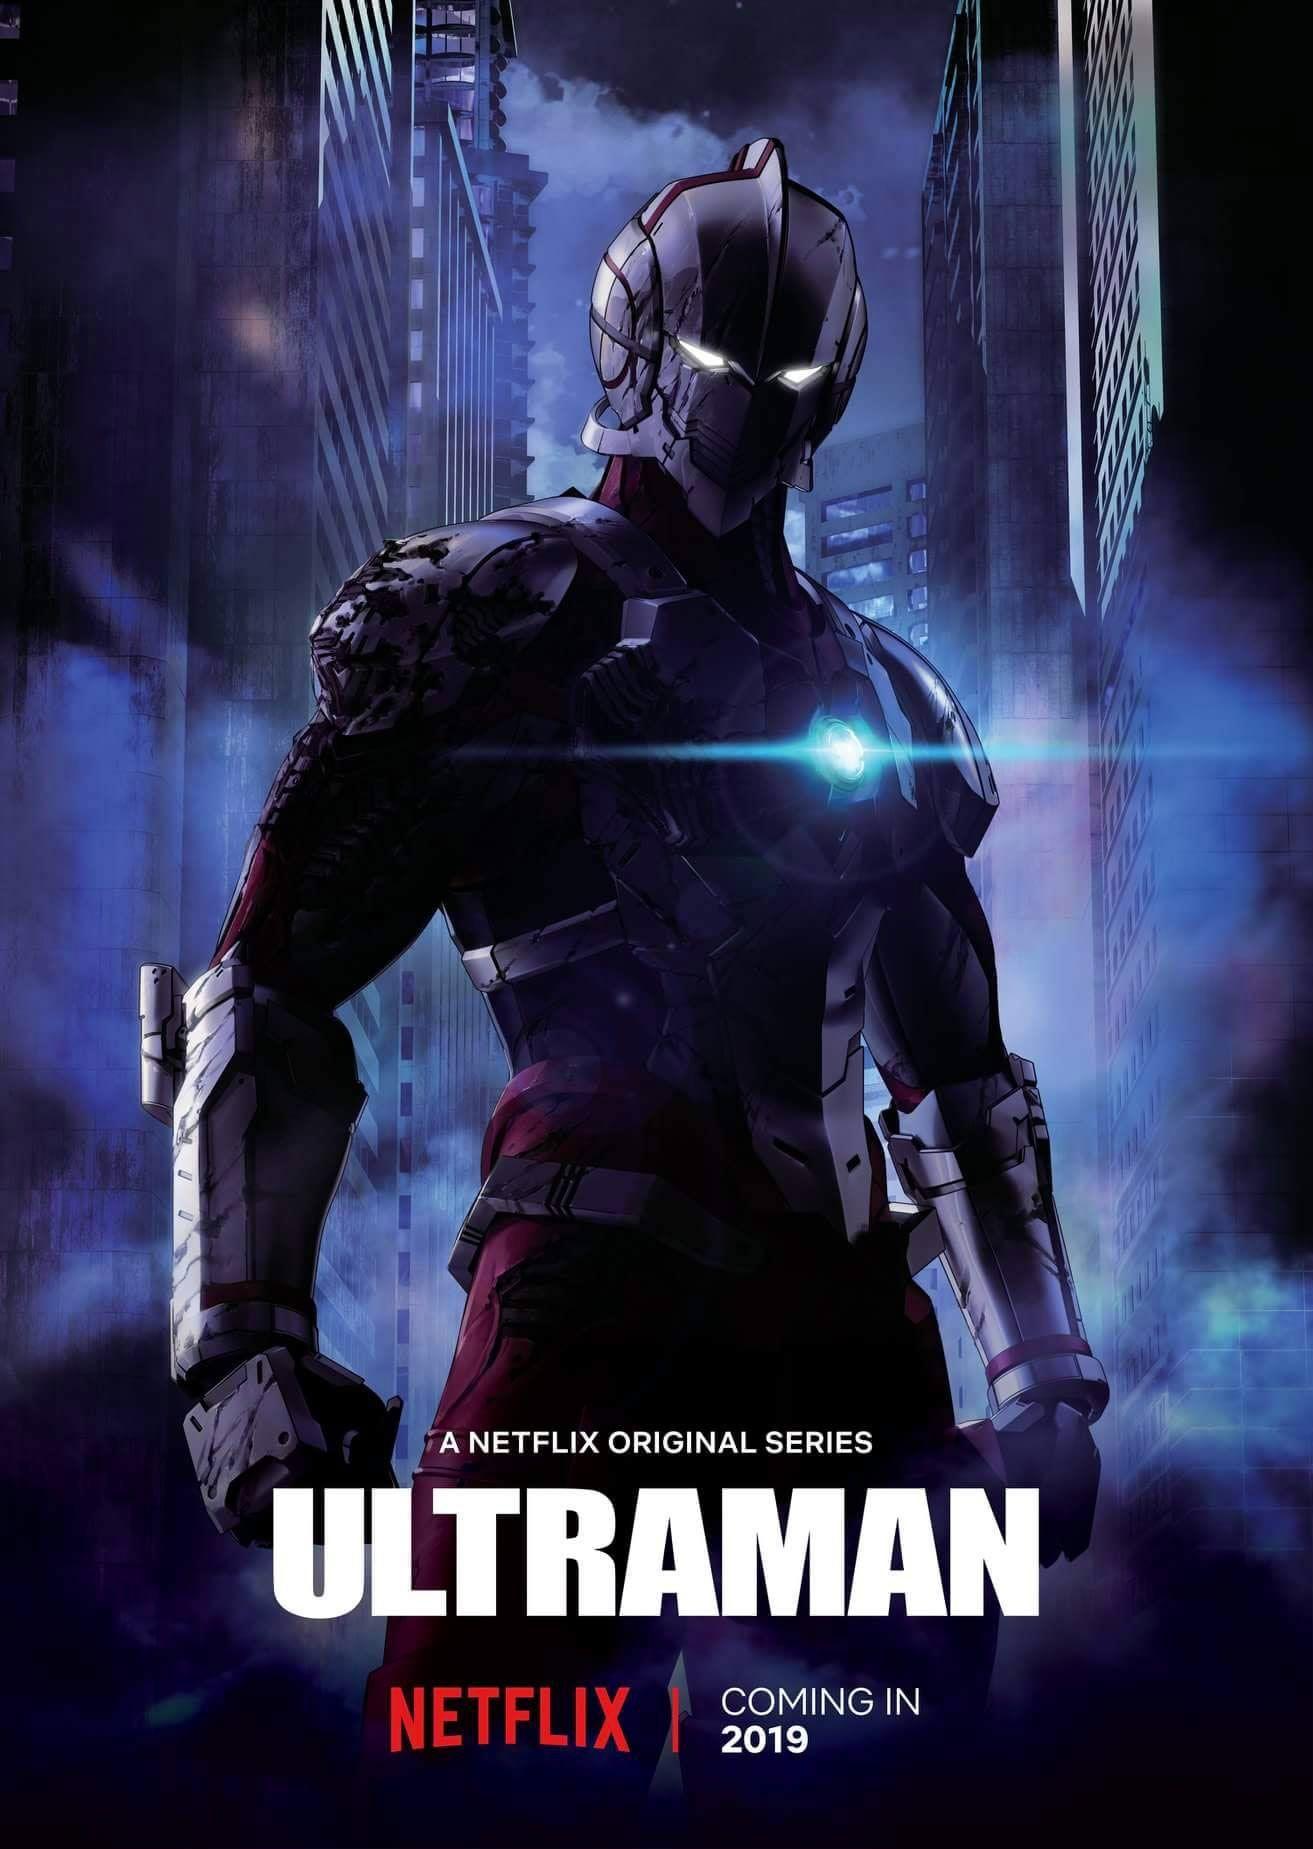 Ultraman sbarca su Netflix con la nuova serie animata nel